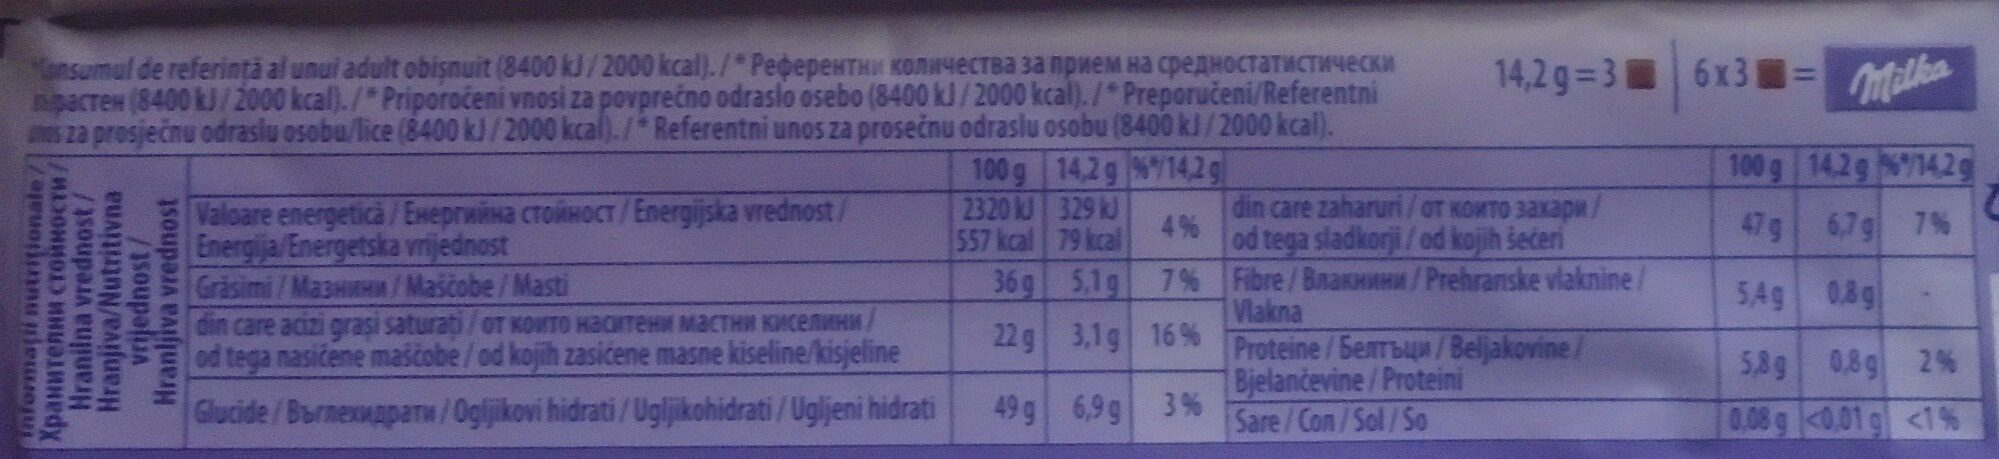 Milka Darkmilk Ciocolată cu lapte alpin și zmeură uscată - Hranljiva vrednost - ro